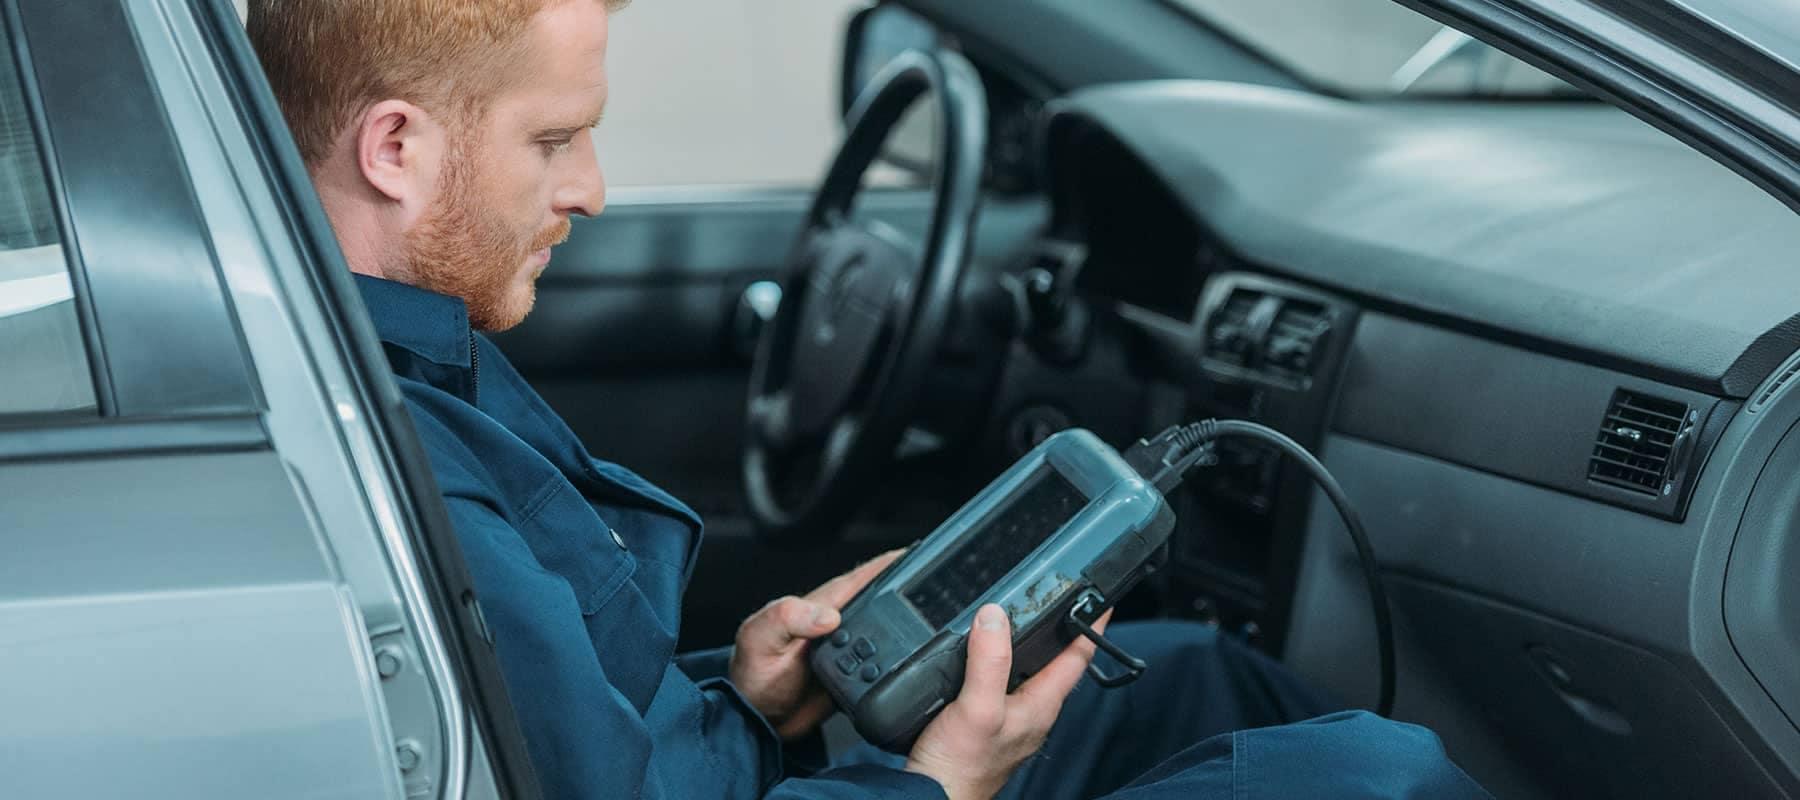 Car Repair Diagnostics Report